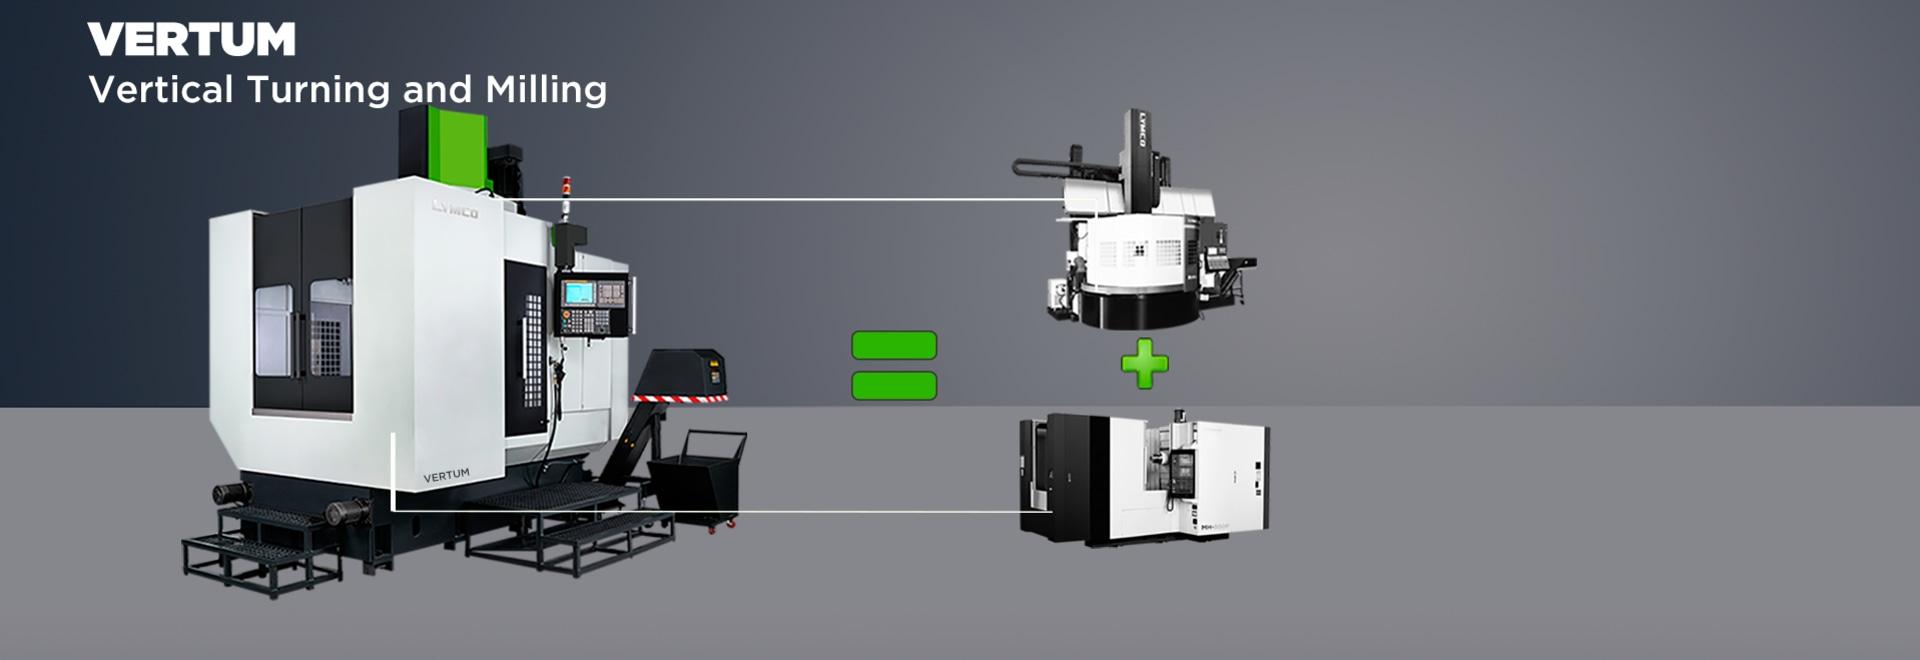 Über Lymco 5-Axis umreißende Lösungen - MV-308-5X